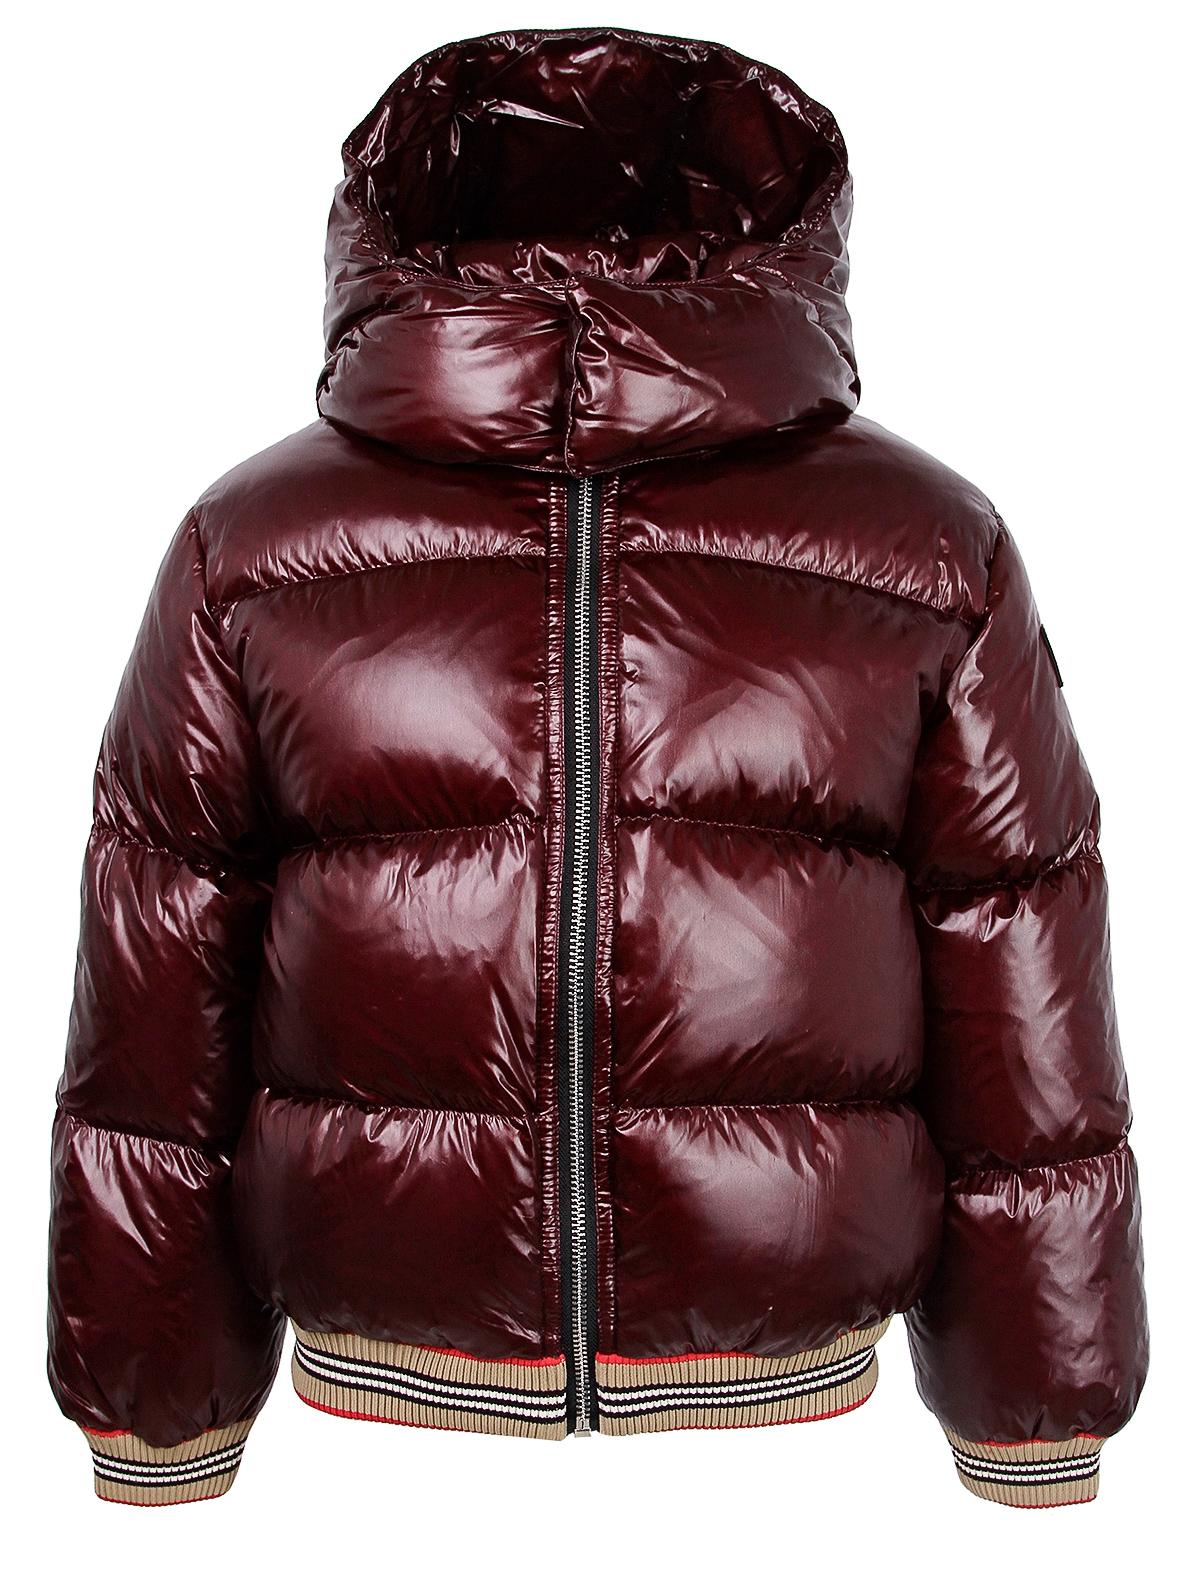 2140010, Куртка Burberry, разноцветный, Женский, 1070909980078  - купить со скидкой